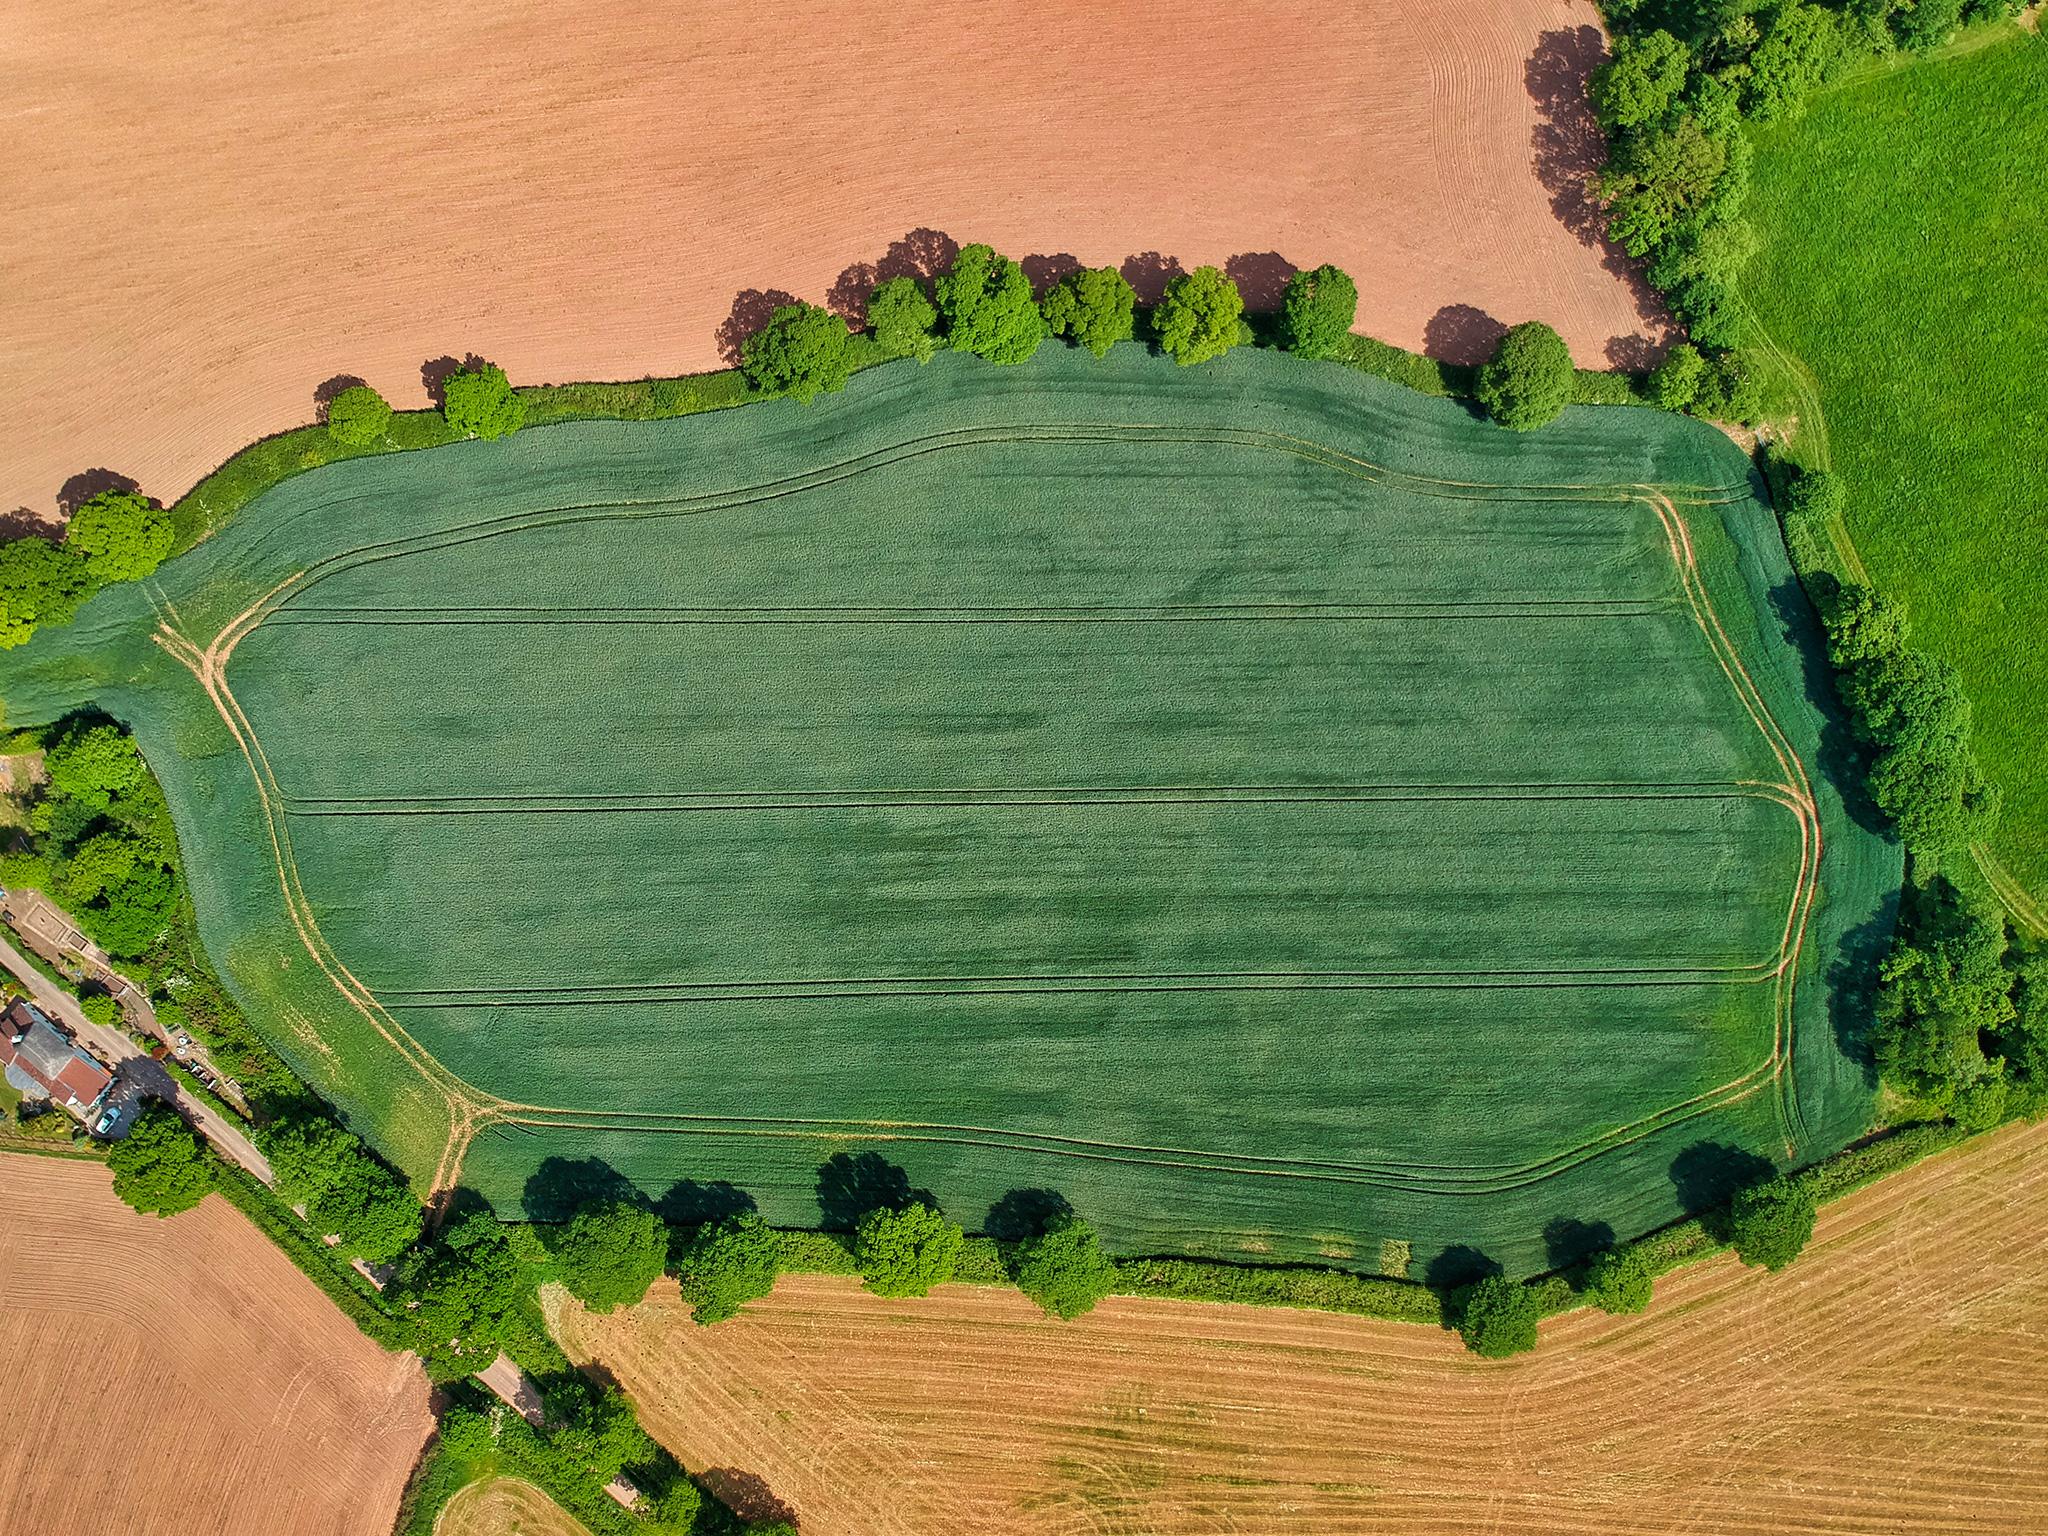 RZ-Green-Green-Grass.jpg